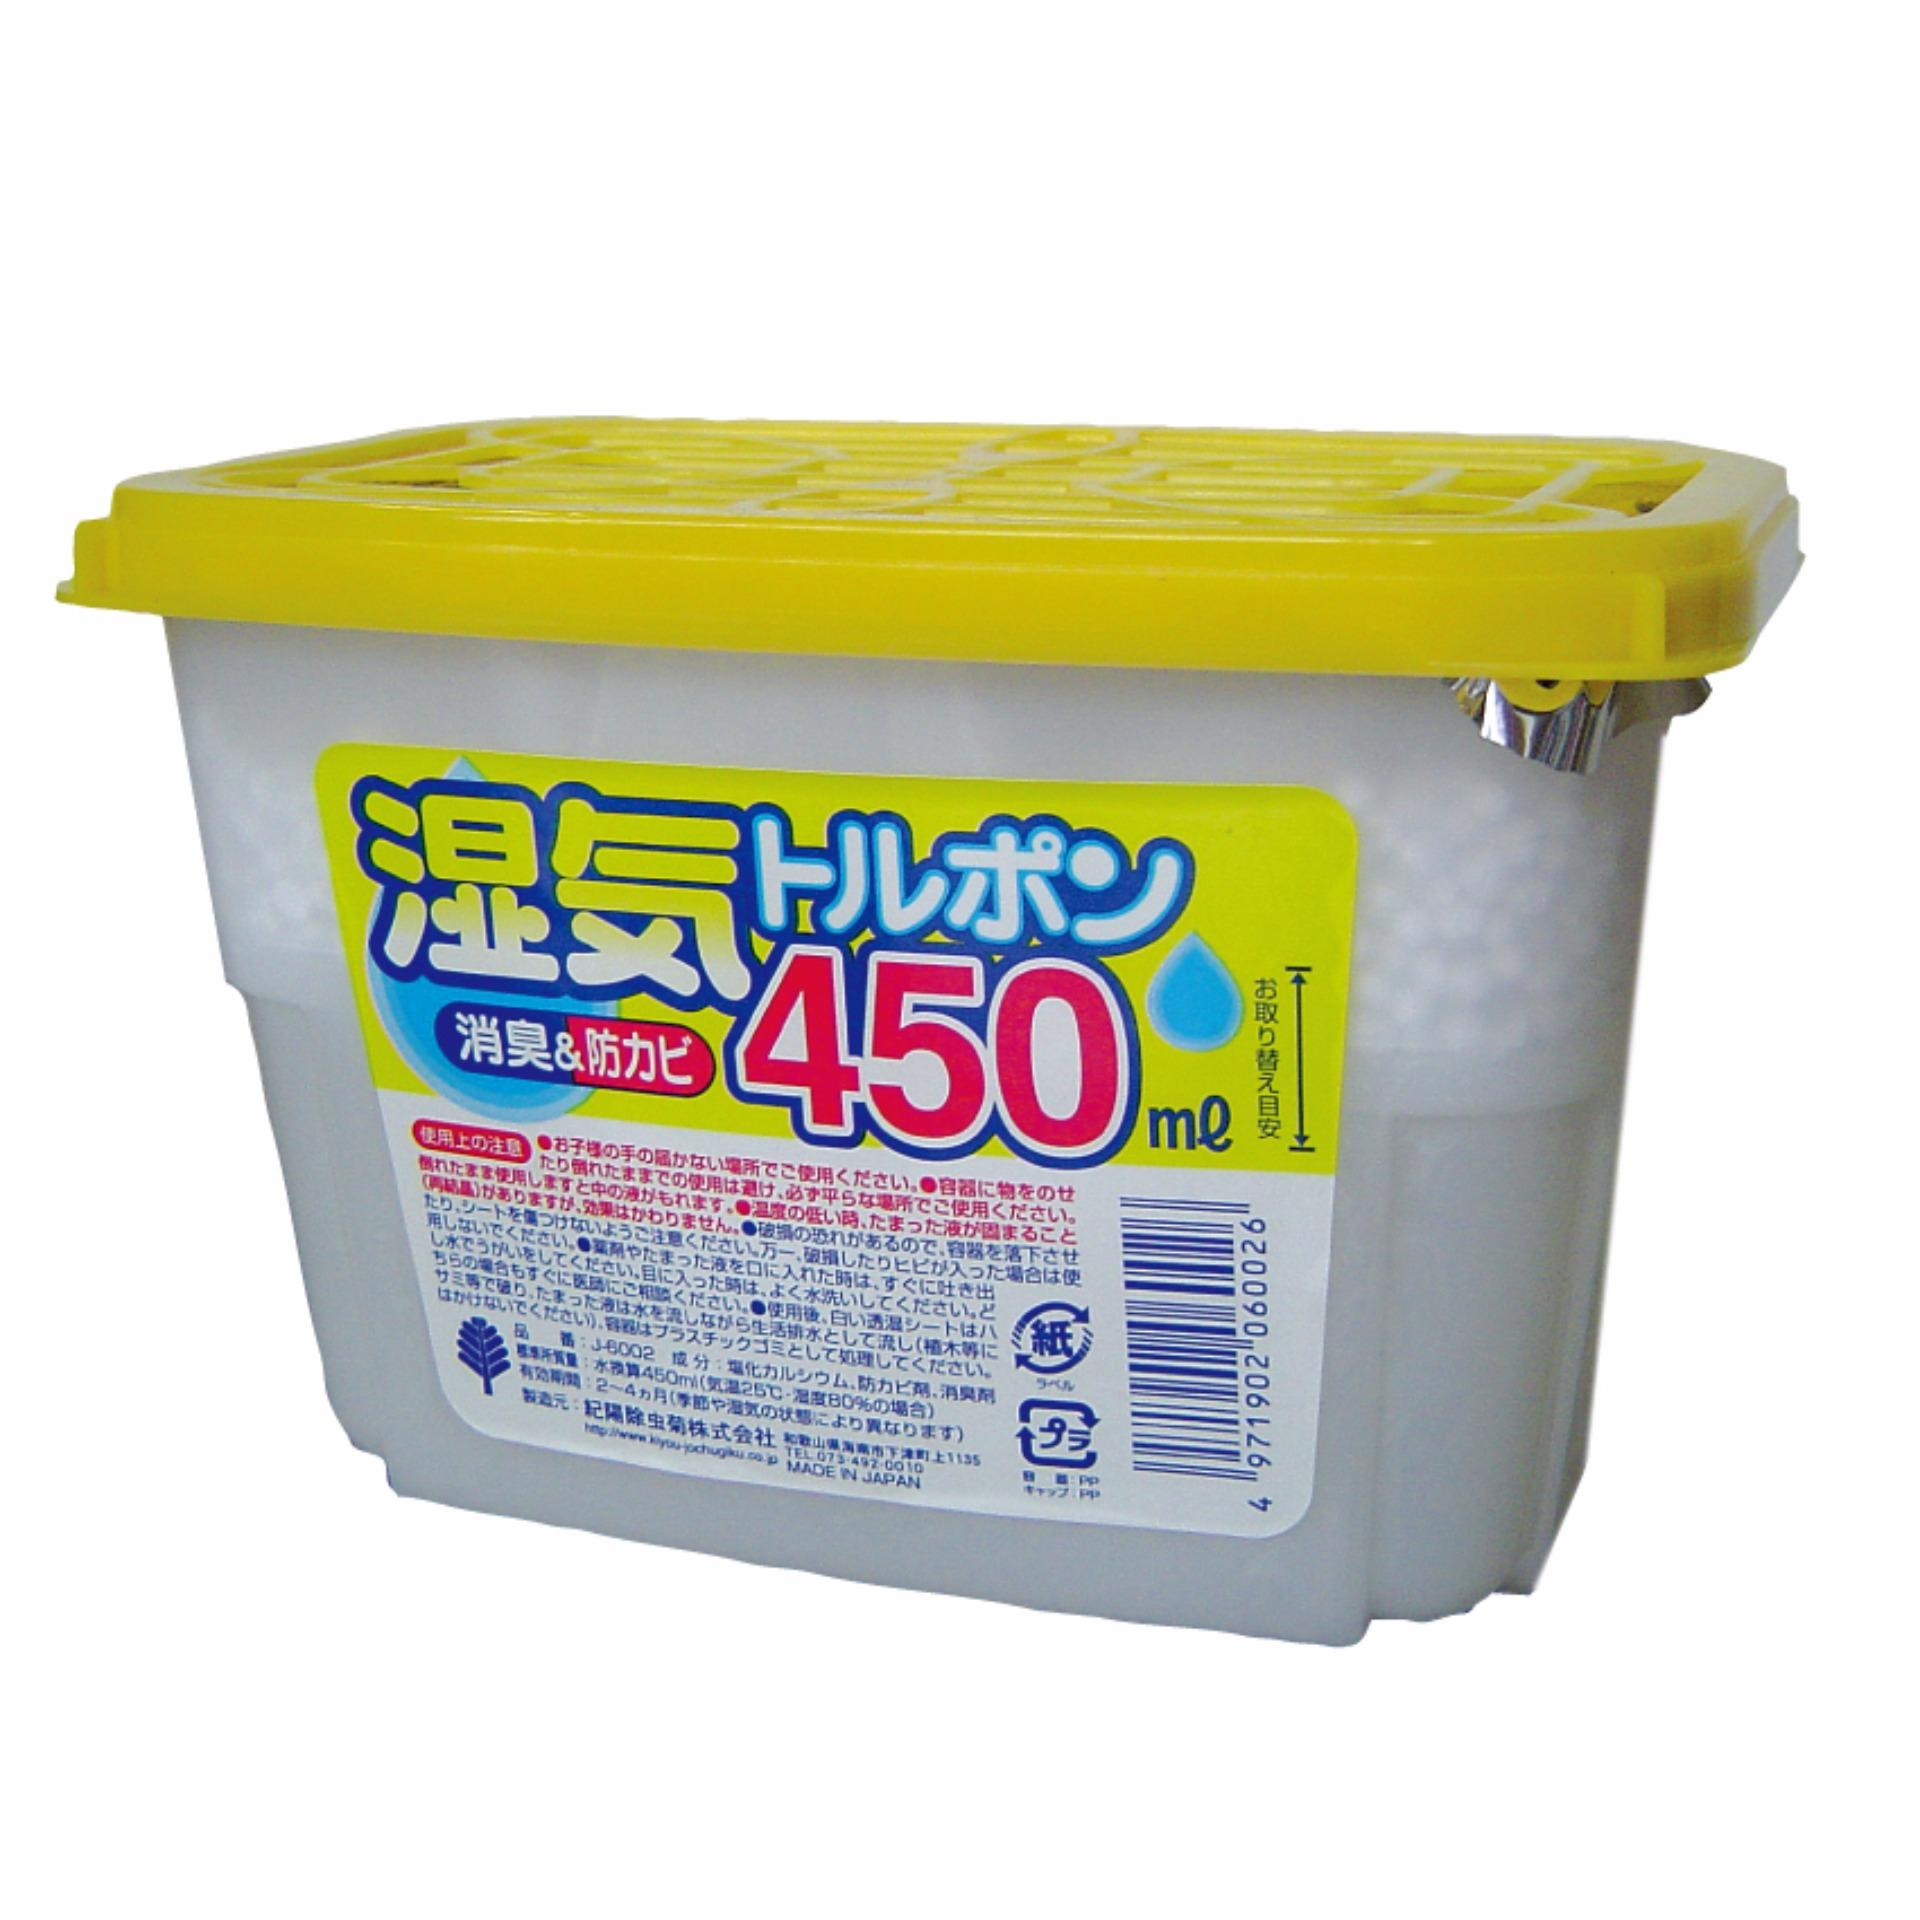 Chất hút ẩm khử mùi chống nấm mốc 450ml – Nhật Bản